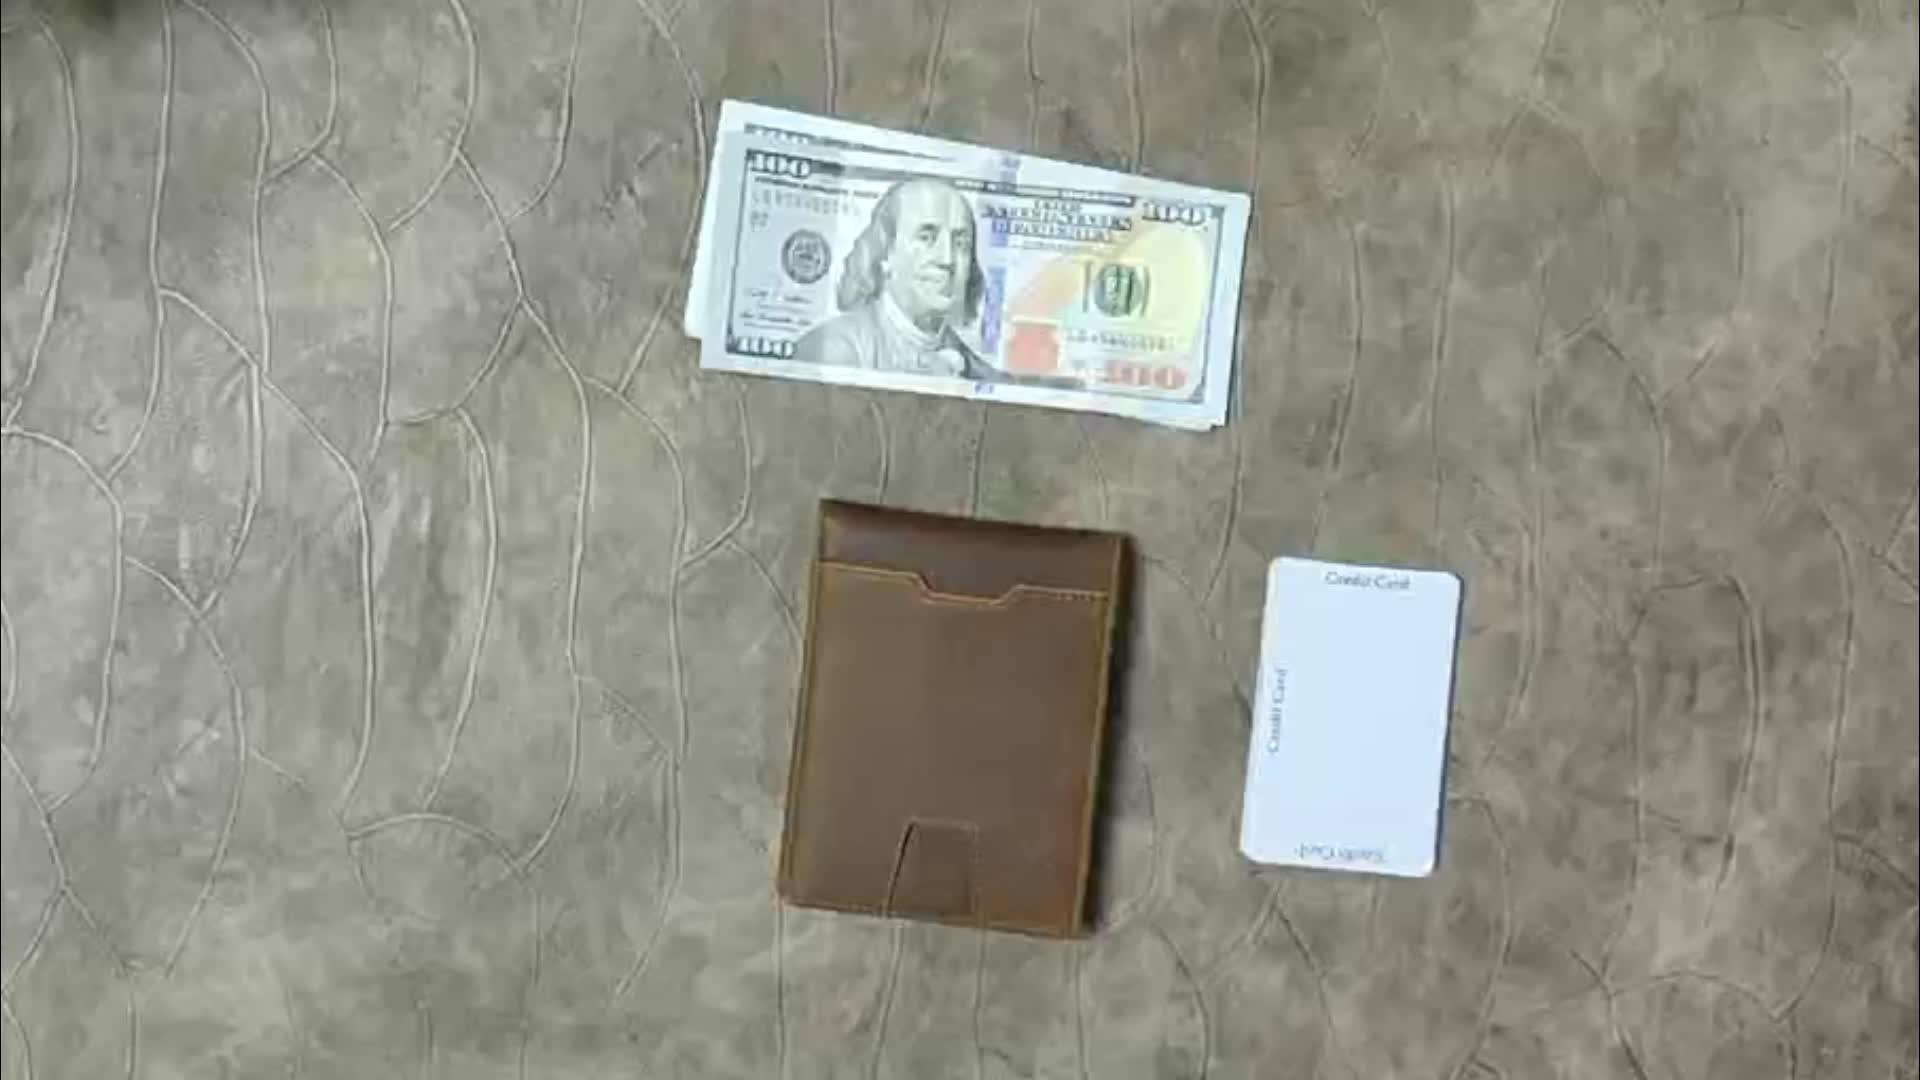 ที่กำหนดเองPUบุรุษกระเป๋าสตางค์หนังด้วยบิ๊กโปรโมชั่น